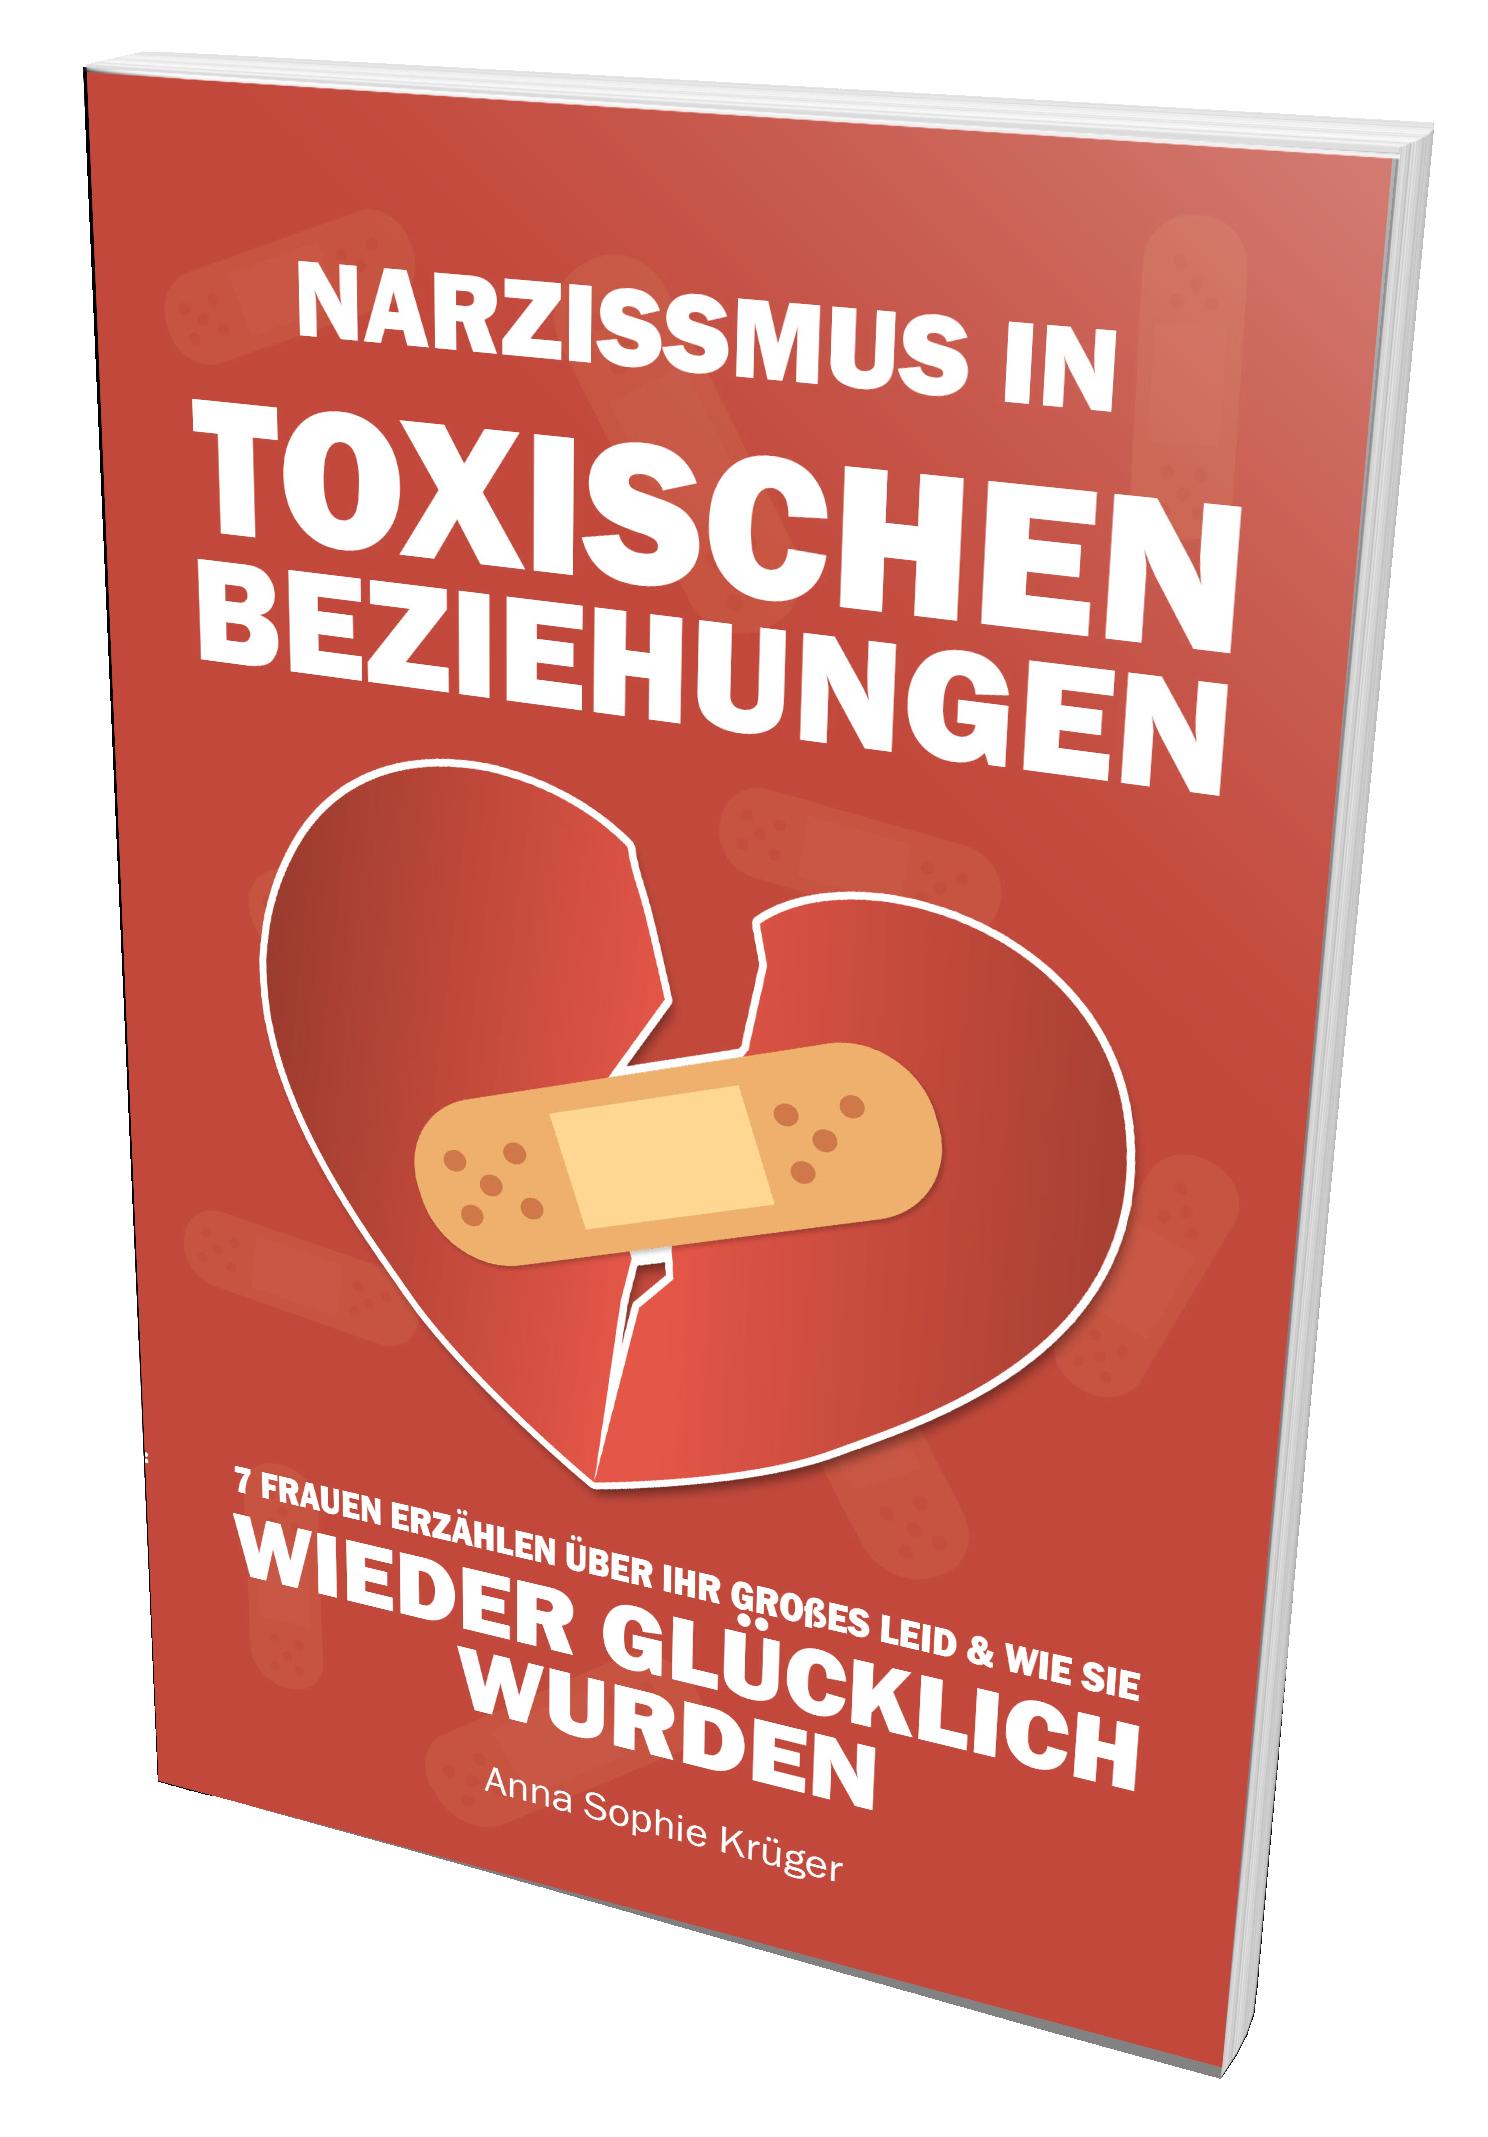 Buch Narzissmus in toxischen Beziehungen